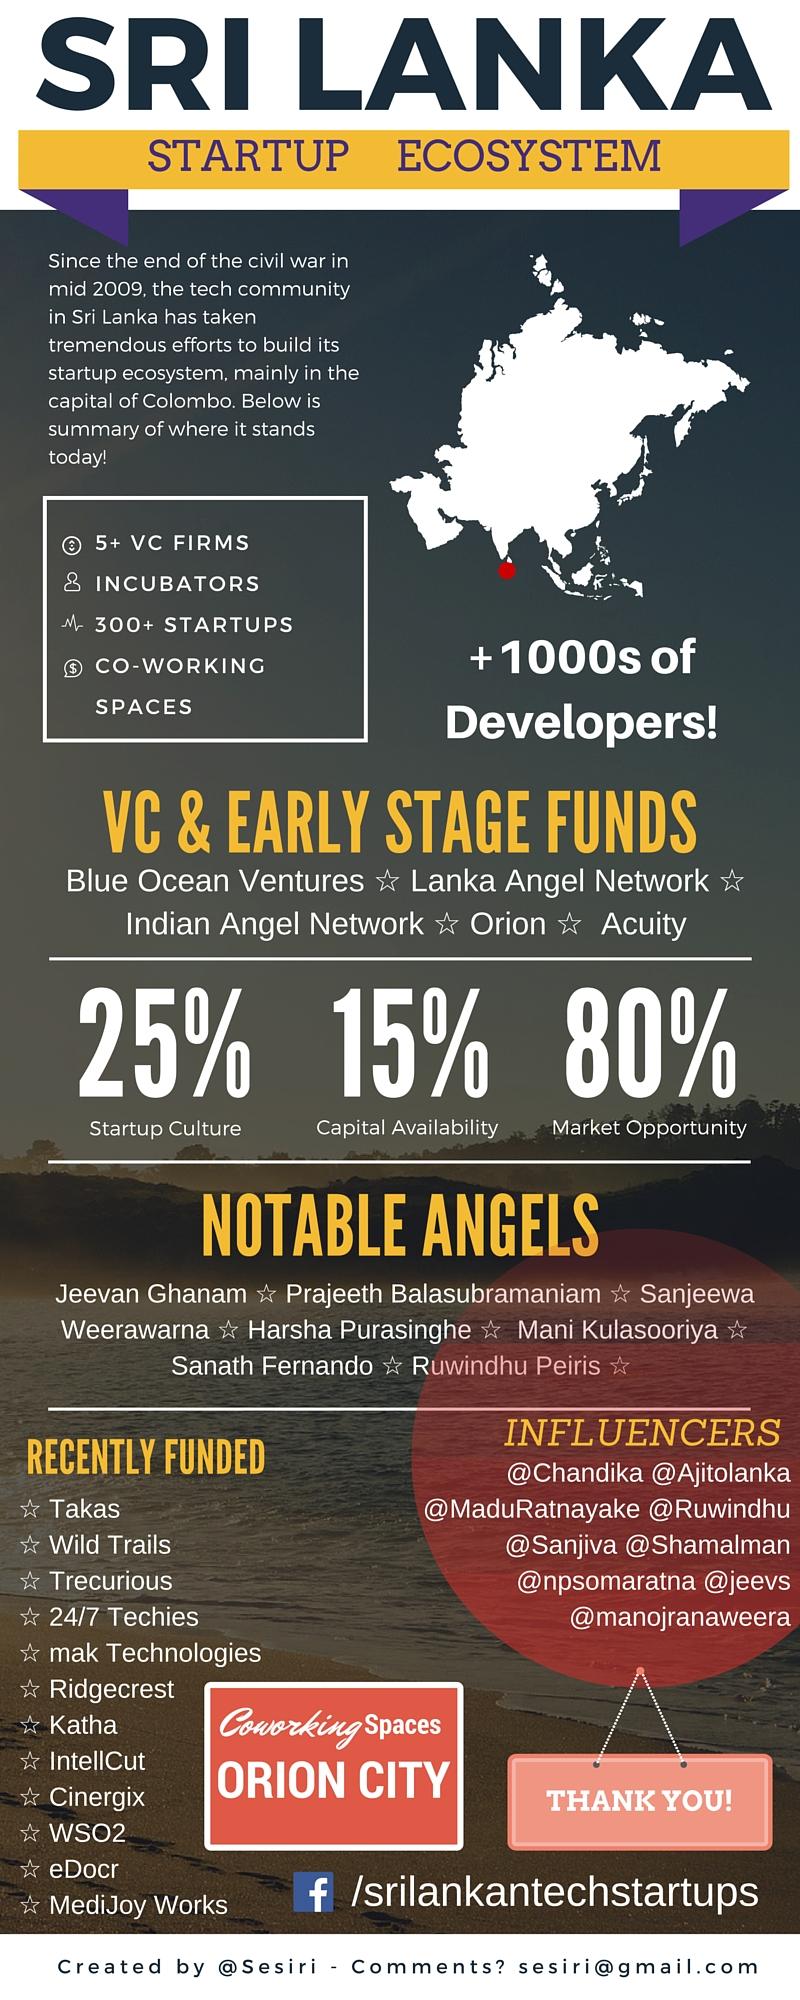 Sri Lanka Startup Ecosystem